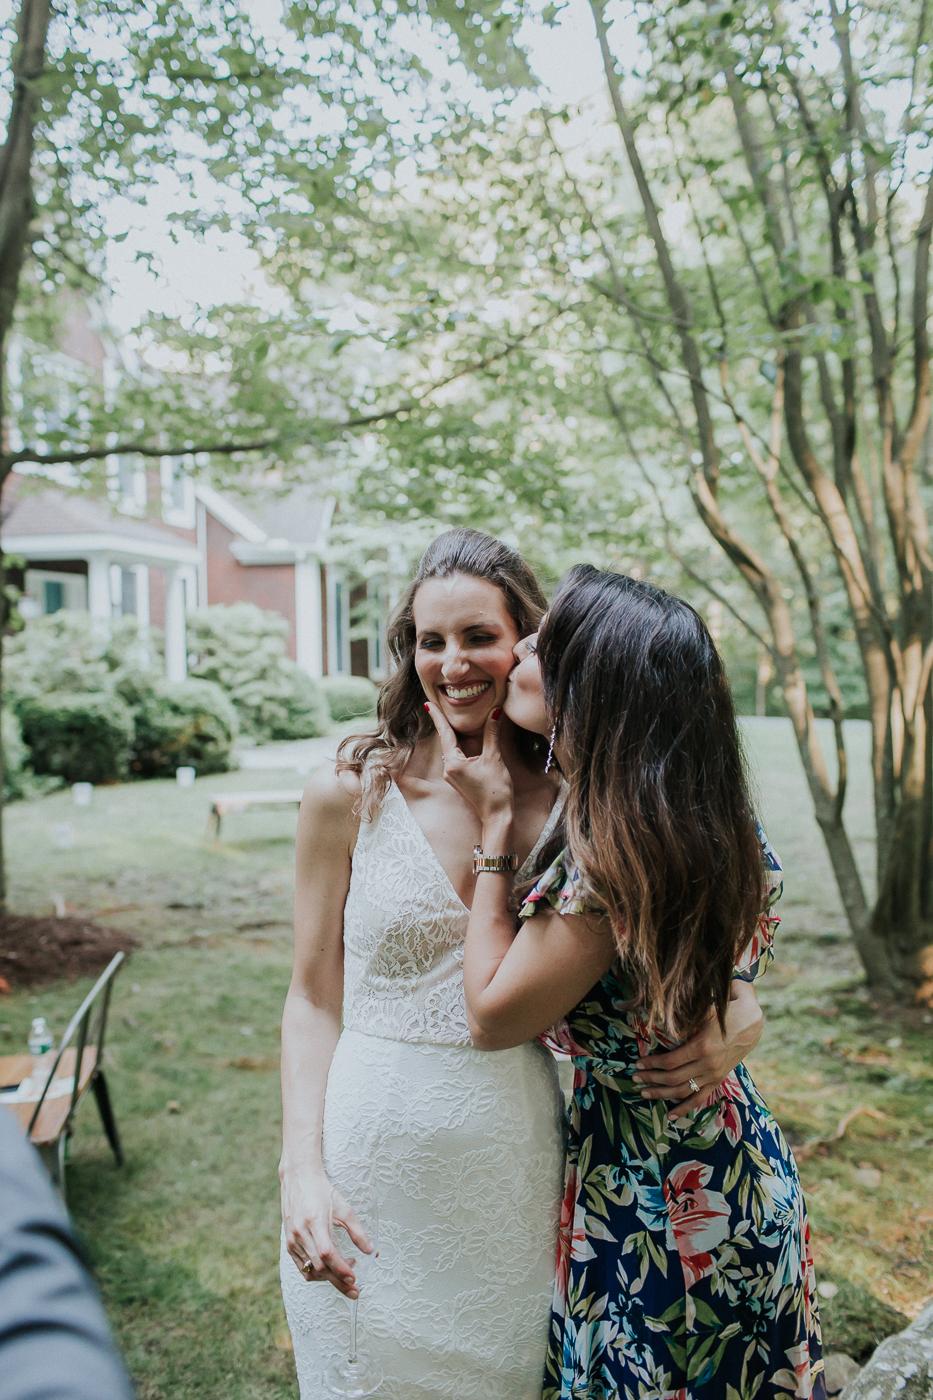 Westchester-New-York-Intimate-Backyard-Garden-Documentary-Wedding-Photographer-9.jpg